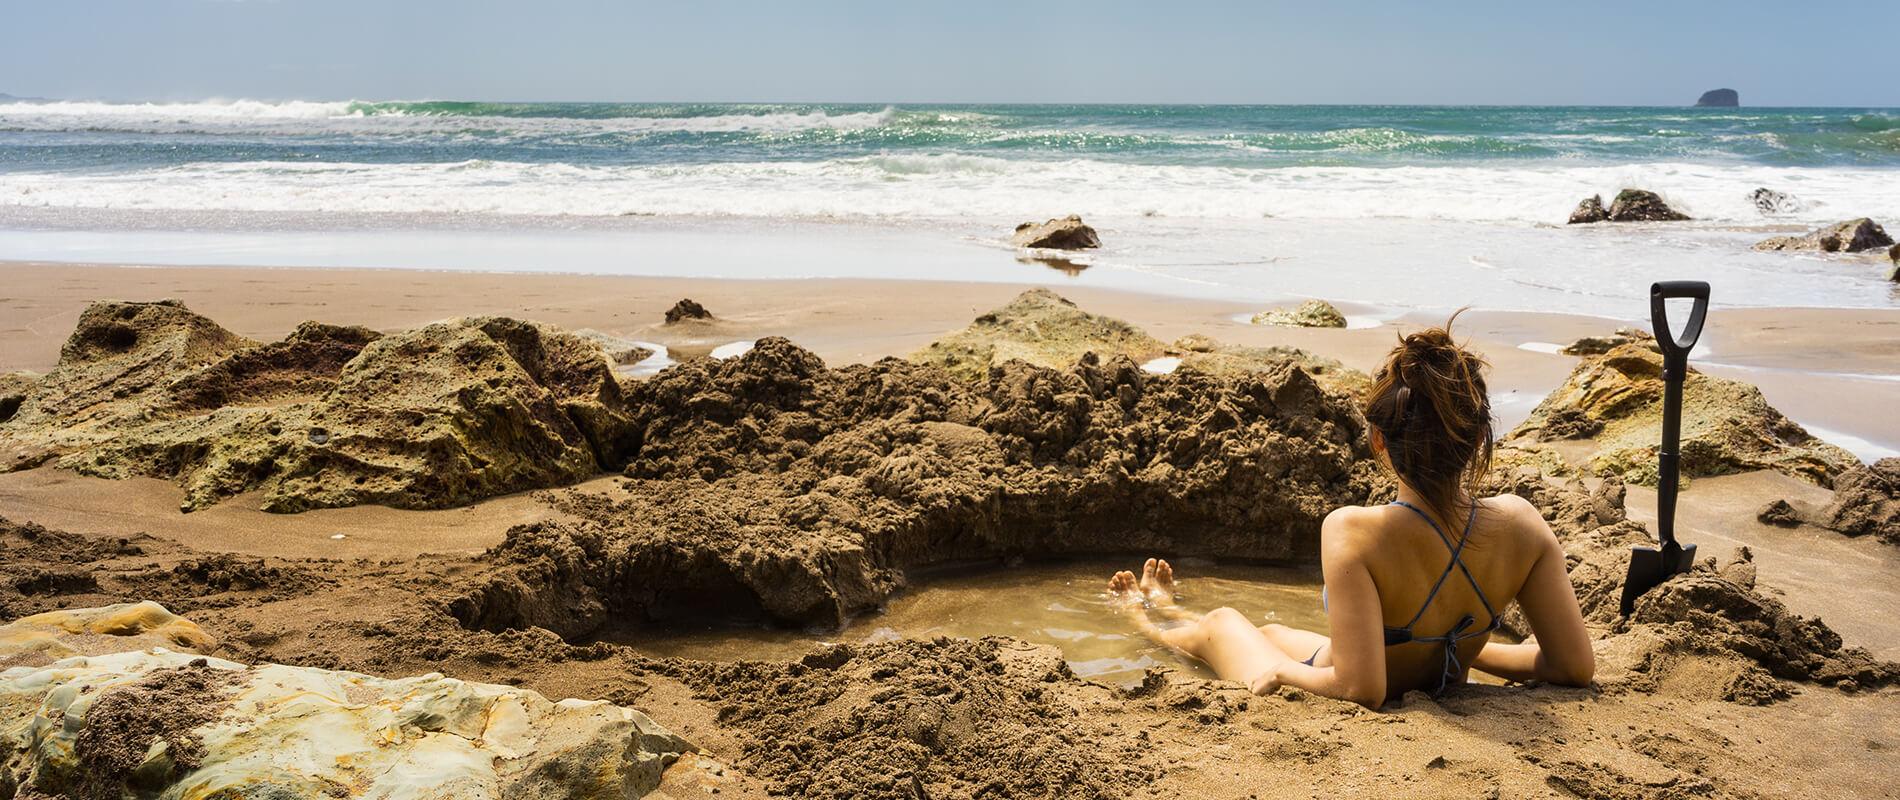 Hot Water Beach, la spiaggia dove è possibile scavare la propria piscina termale